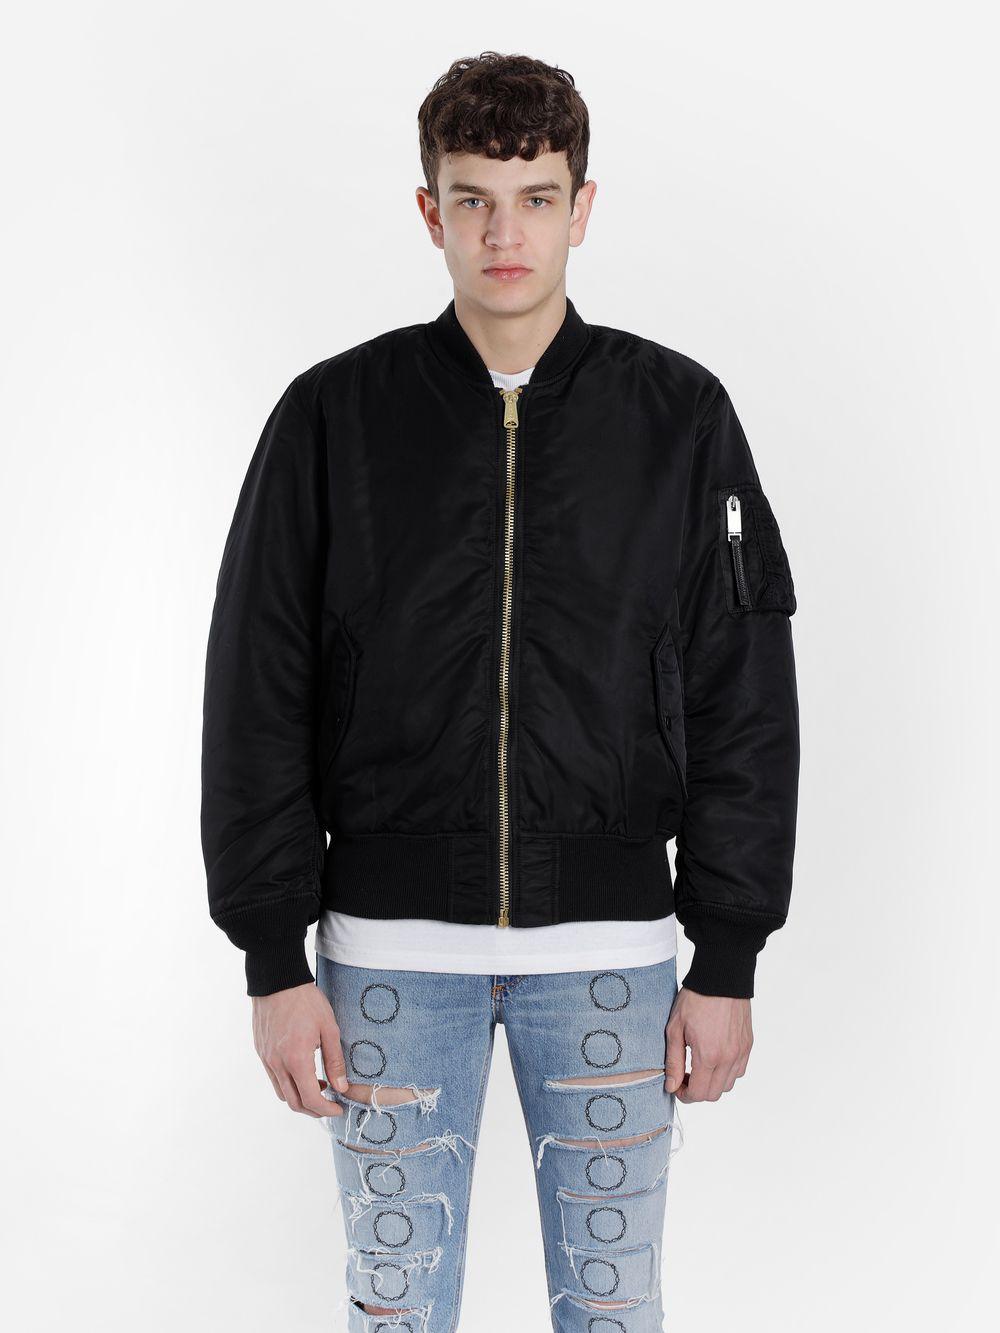 Alyx 1017 Alyx 9sm Men S Black Ma1 Reversible Bomber Jacket Alyx Cloth Jackets Bomber Jacket Black Bomber Jacket [ 1333 x 1000 Pixel ]